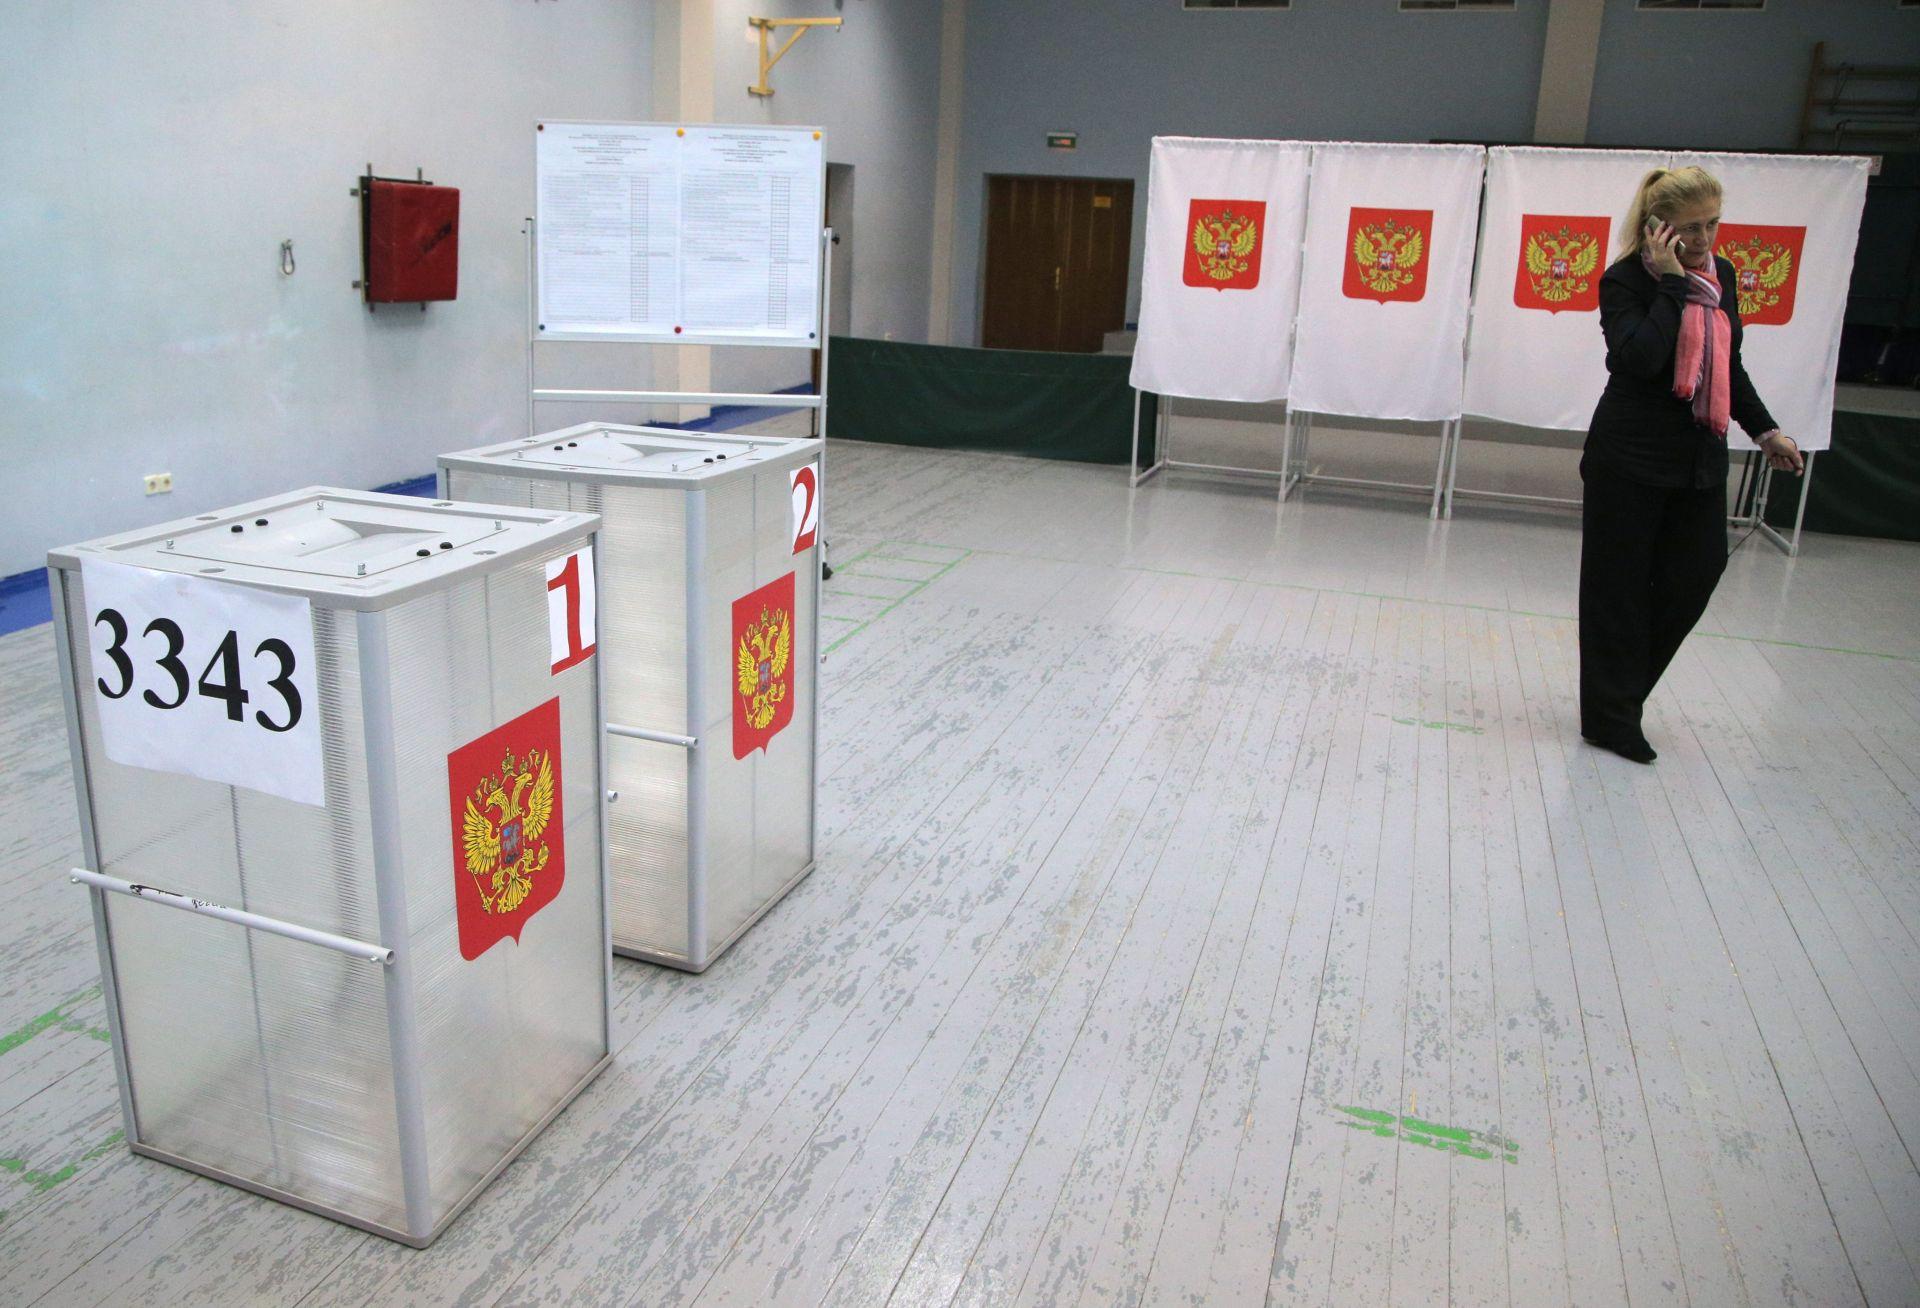 PARLAMENTARNI IZBORI: U Rusiji otvorena birališta, slijedi ispit za Putinovu stranku